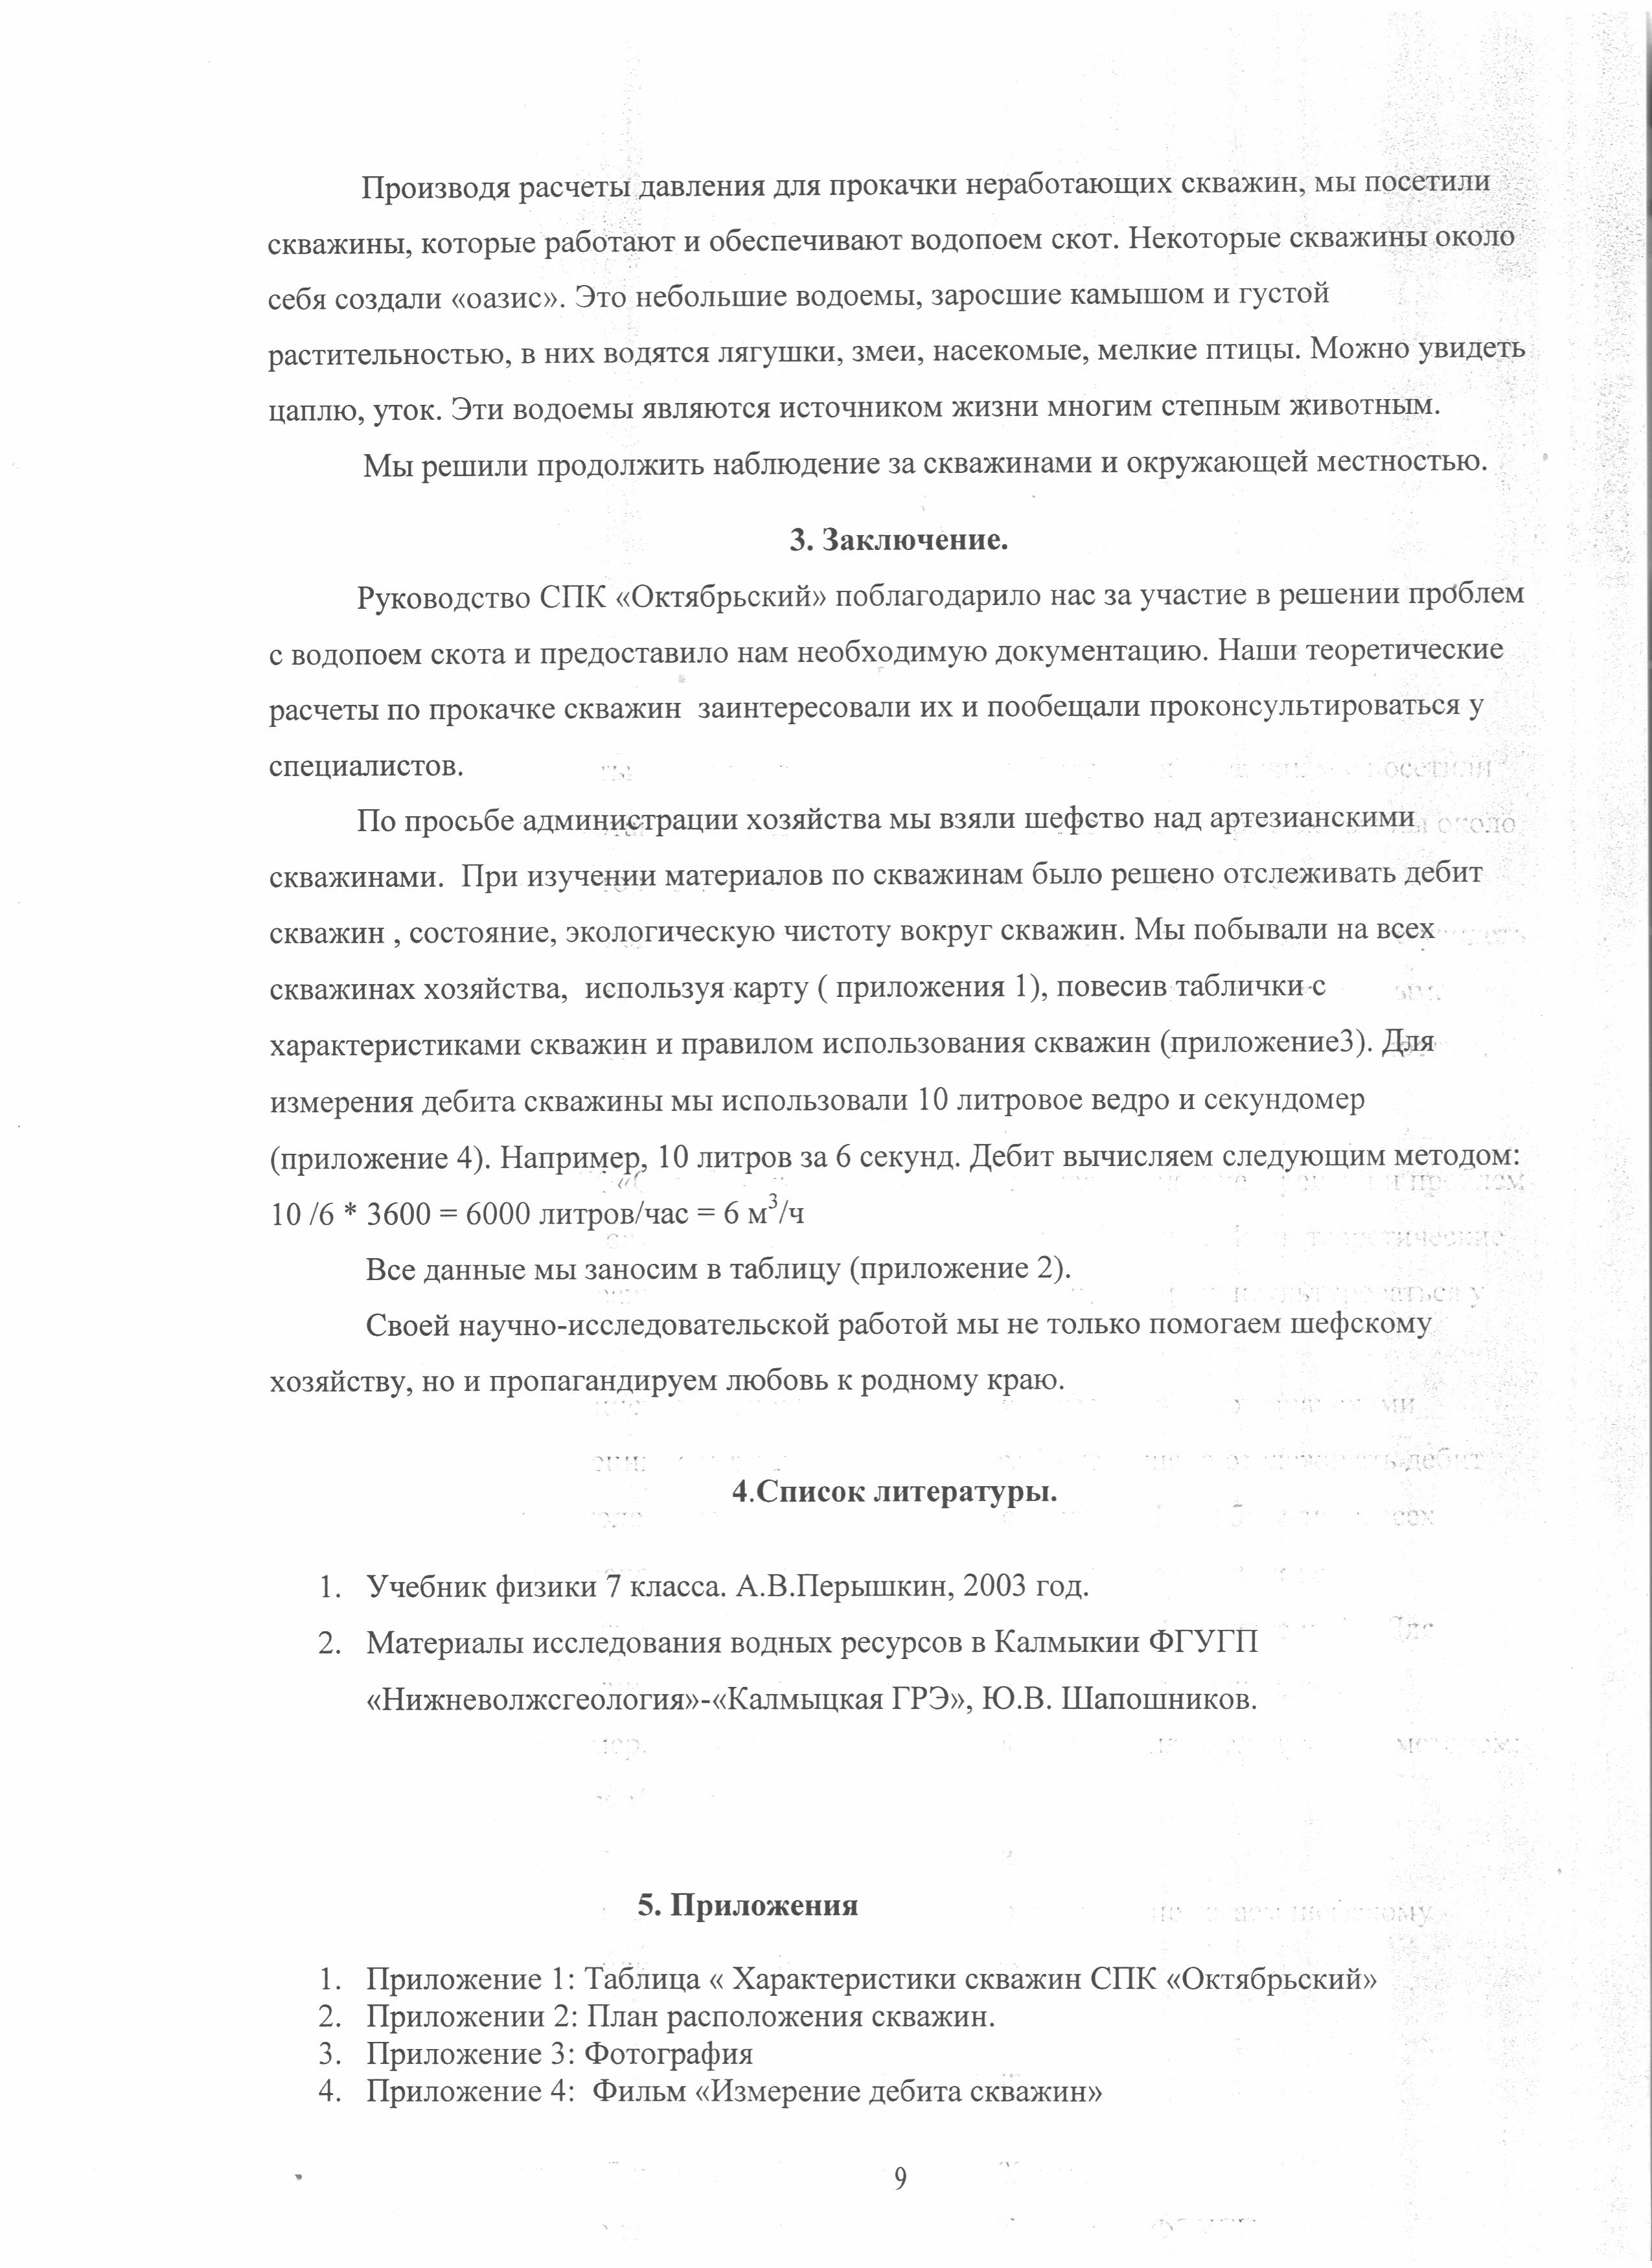 F:\диагностика\Сангаджиев В.Н\2015-09-28\035.tif